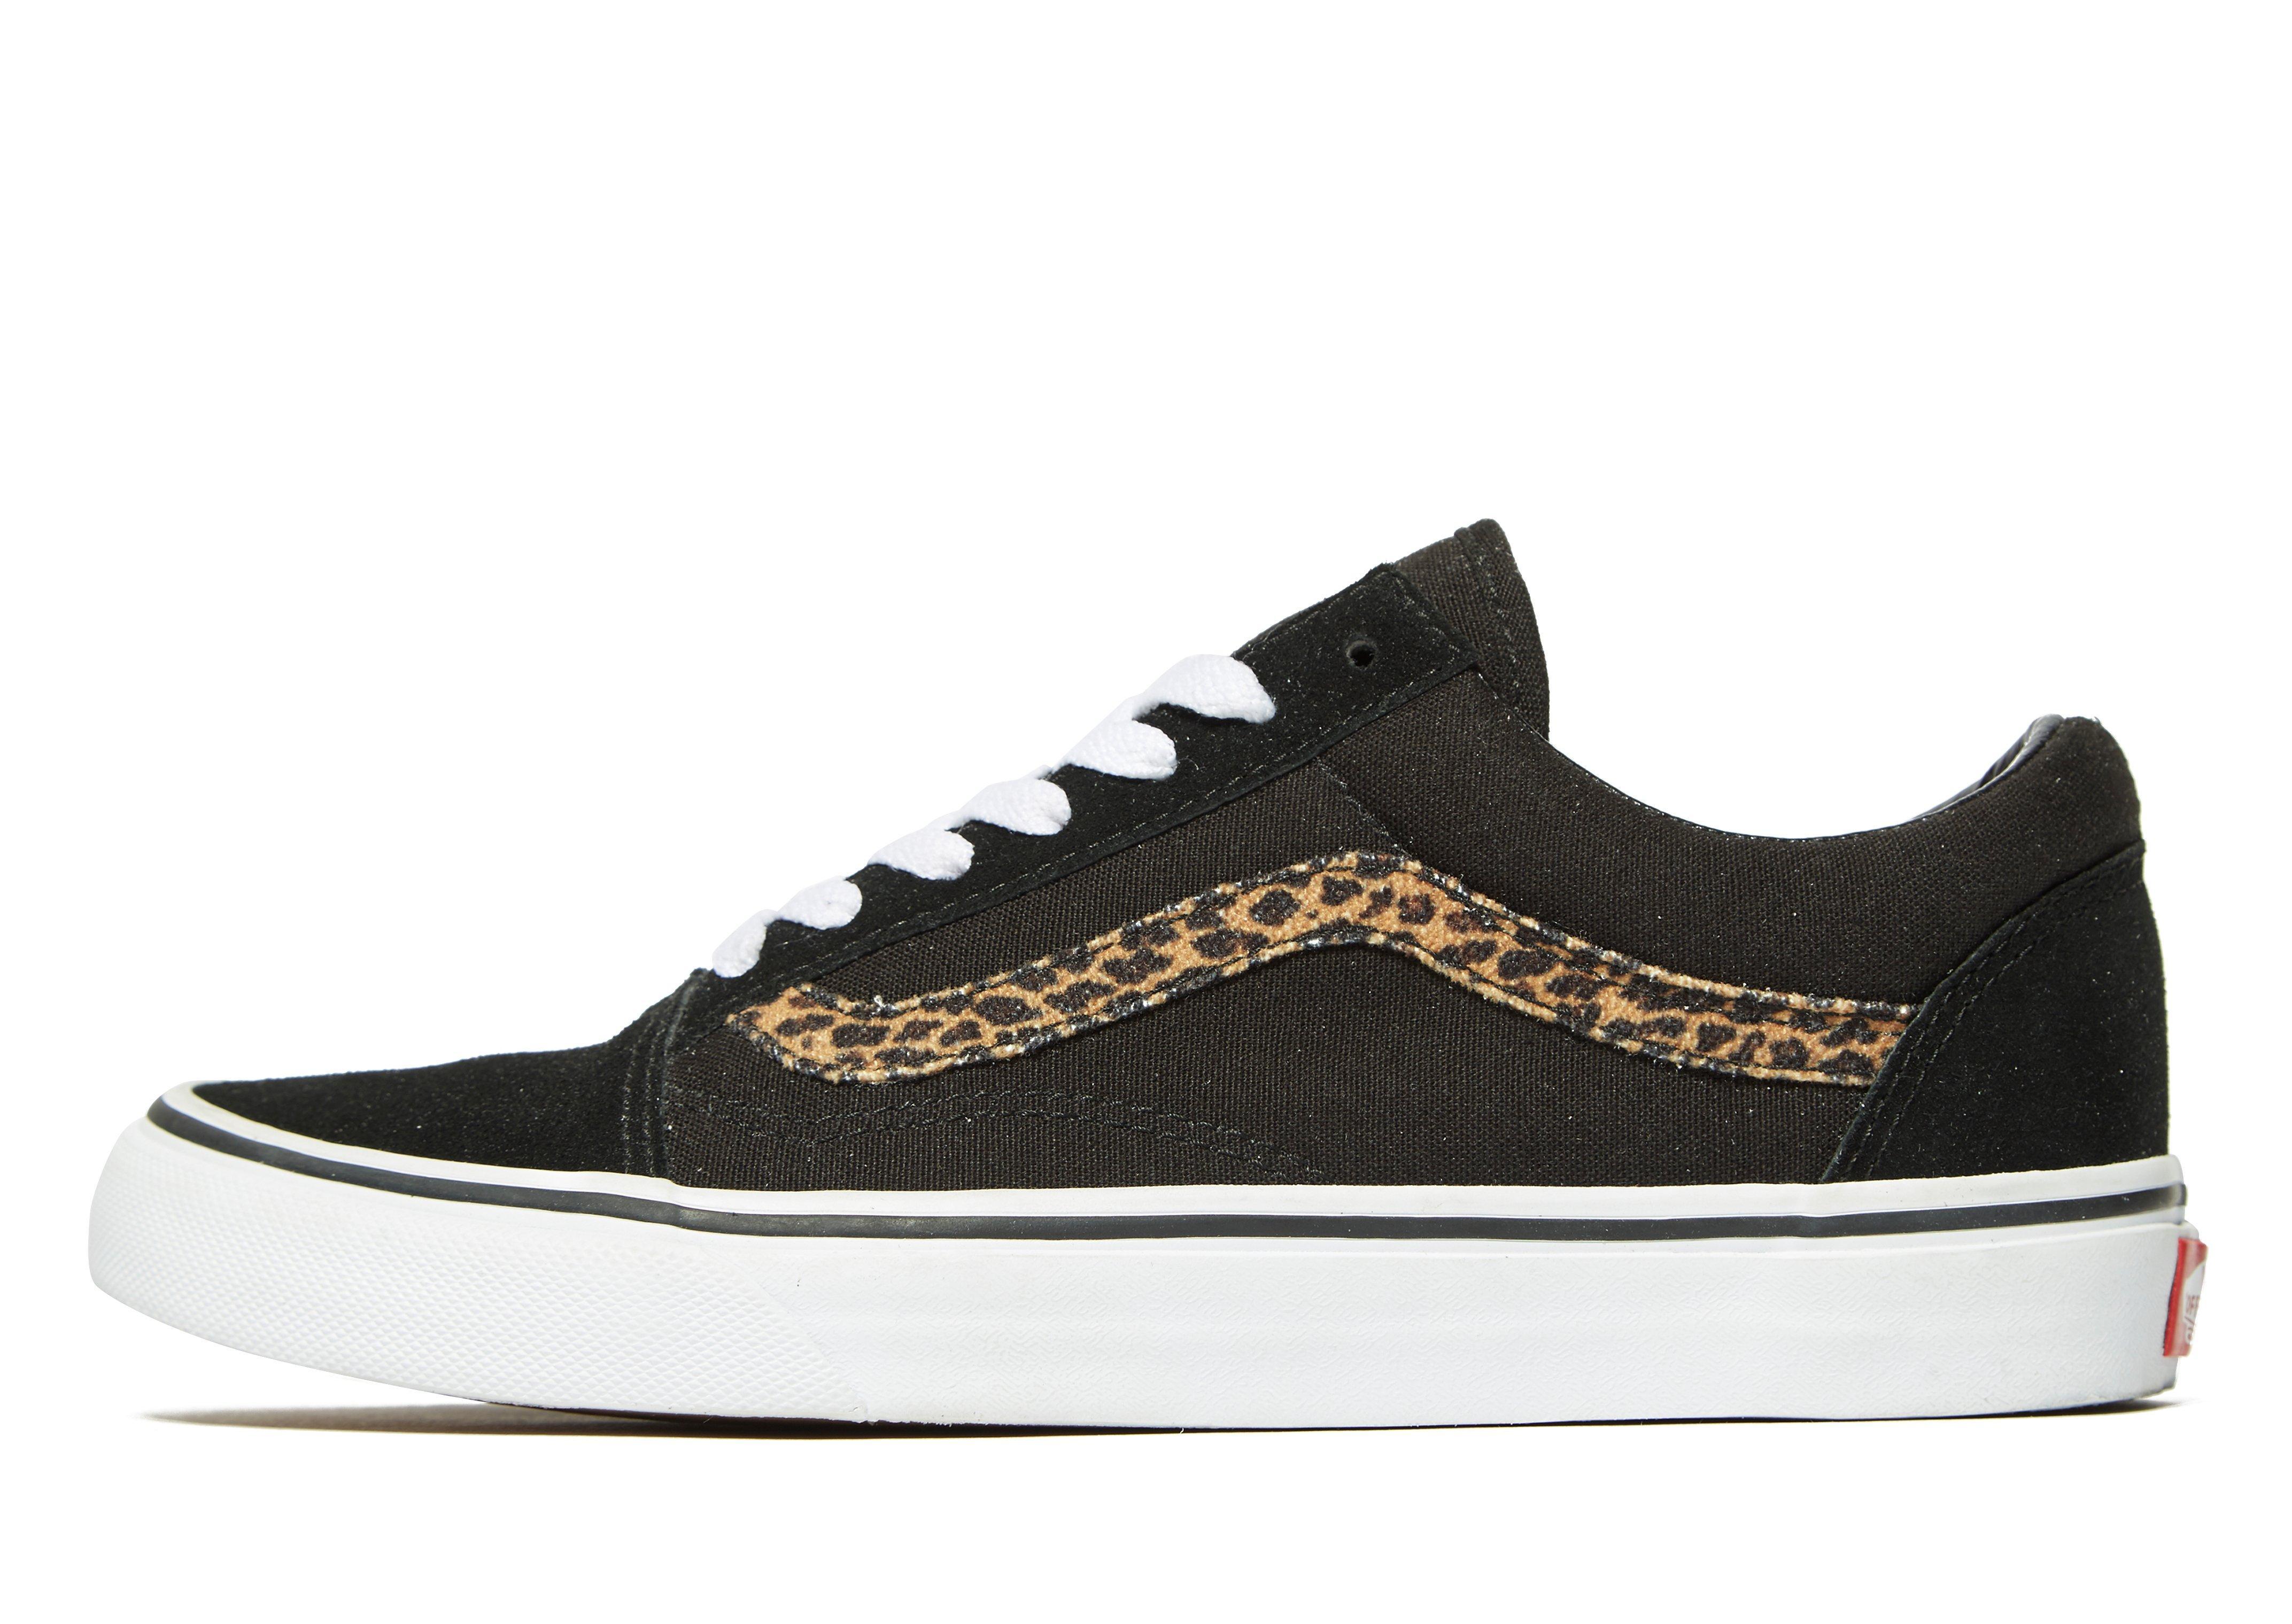 Vans Old Skool Scarpa leopardato nero